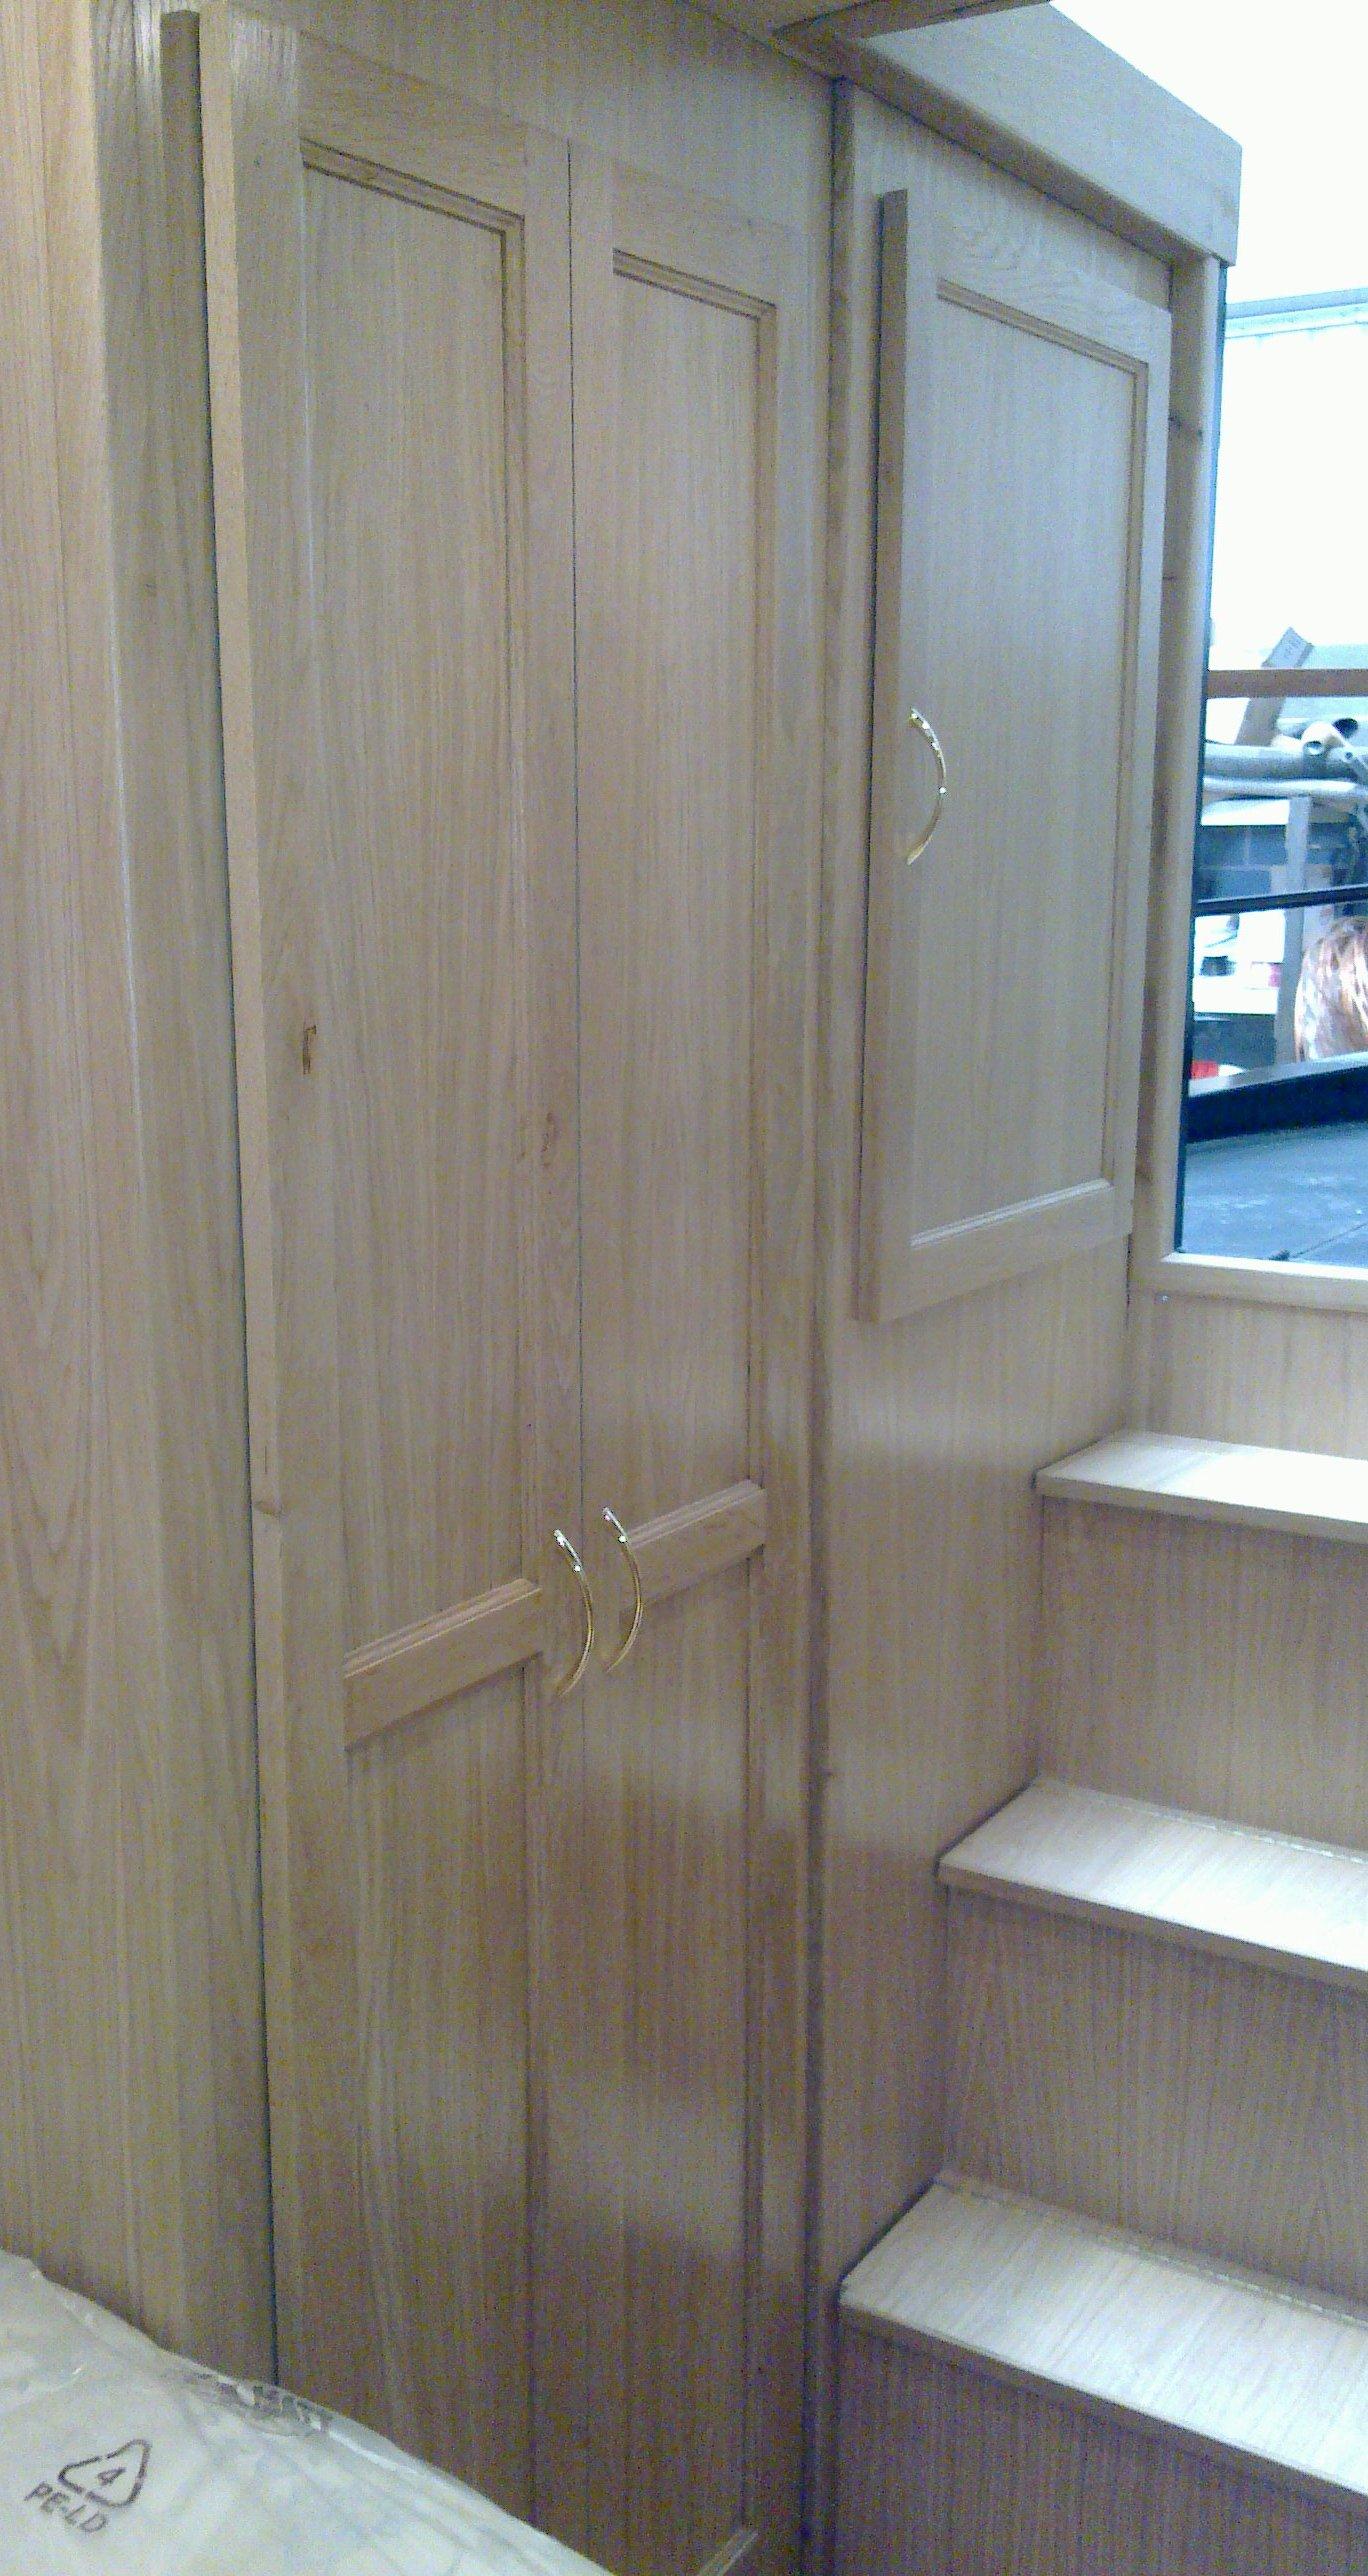 BEDROOM WARDROBE CUPBOARD DOORS AND ELECTRIC DOOR - OAK.jpg